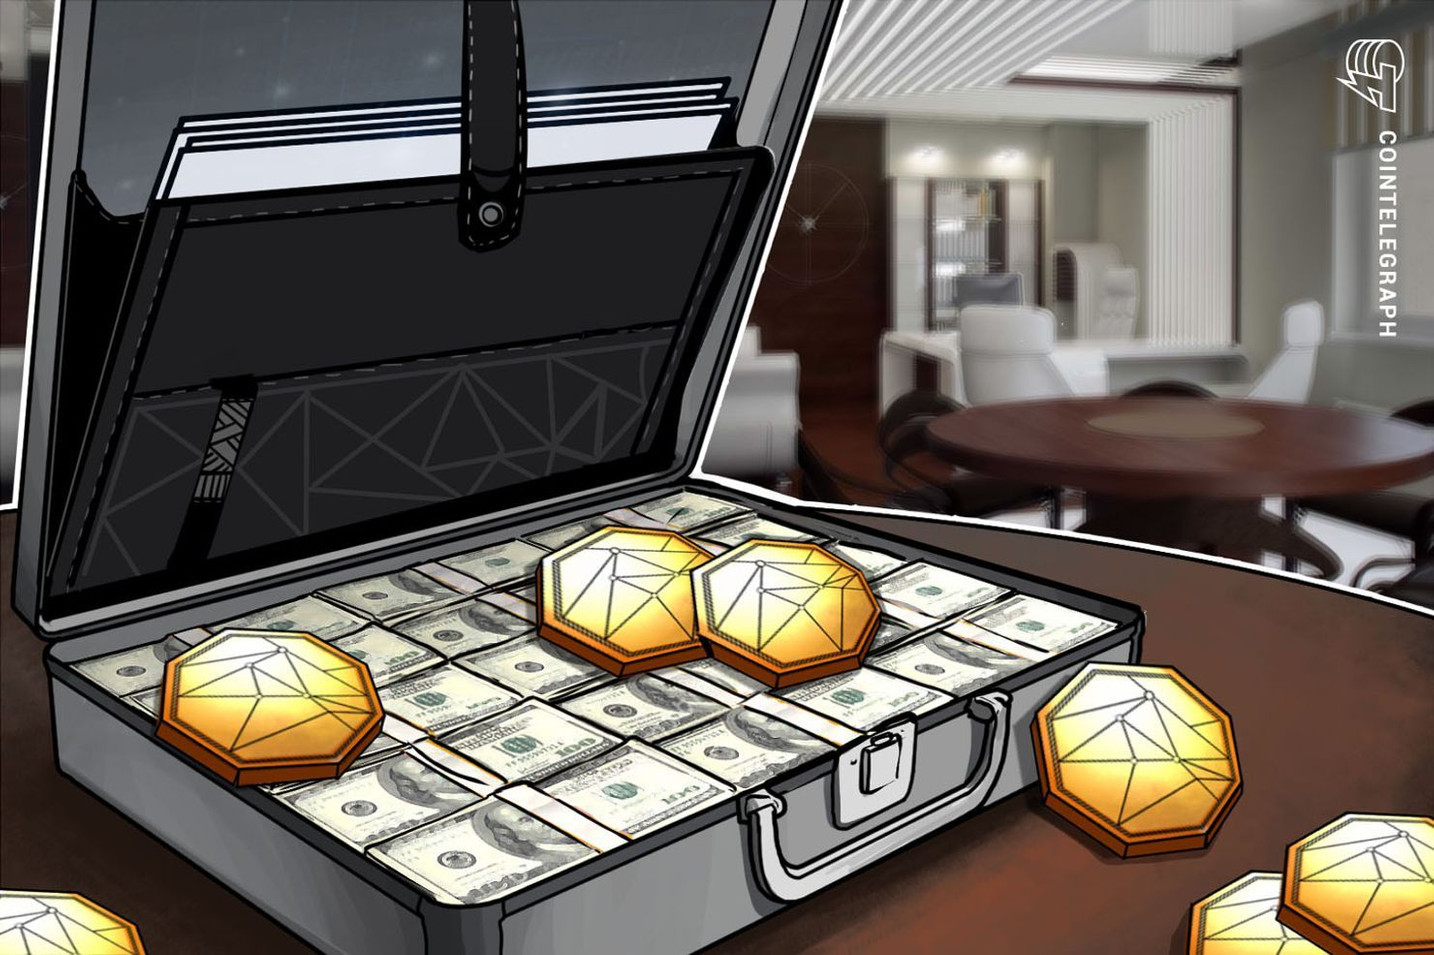 【速報】リクルートがウォレット提供のブリーズ社に出資 ライトニングネットワークで仮想通貨の高速処理目指す